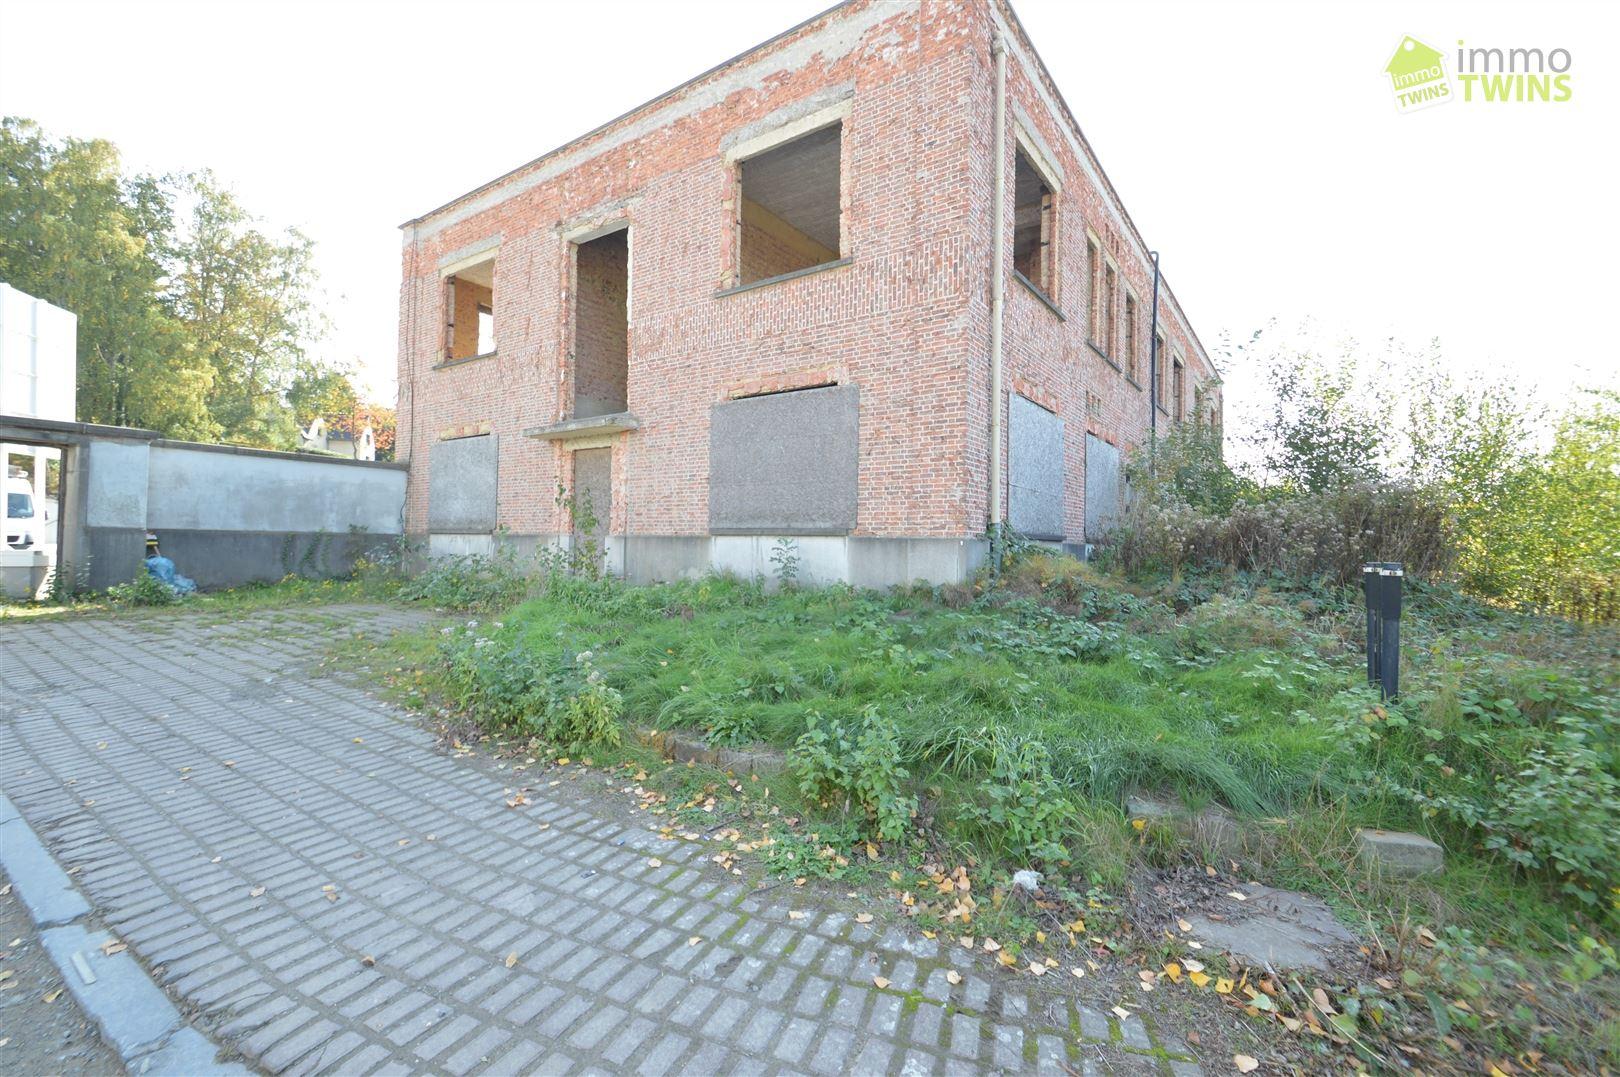 Foto 12 : Handelspand te 9500 GERAARDSBERGEN (België) - Prijs € 250.000